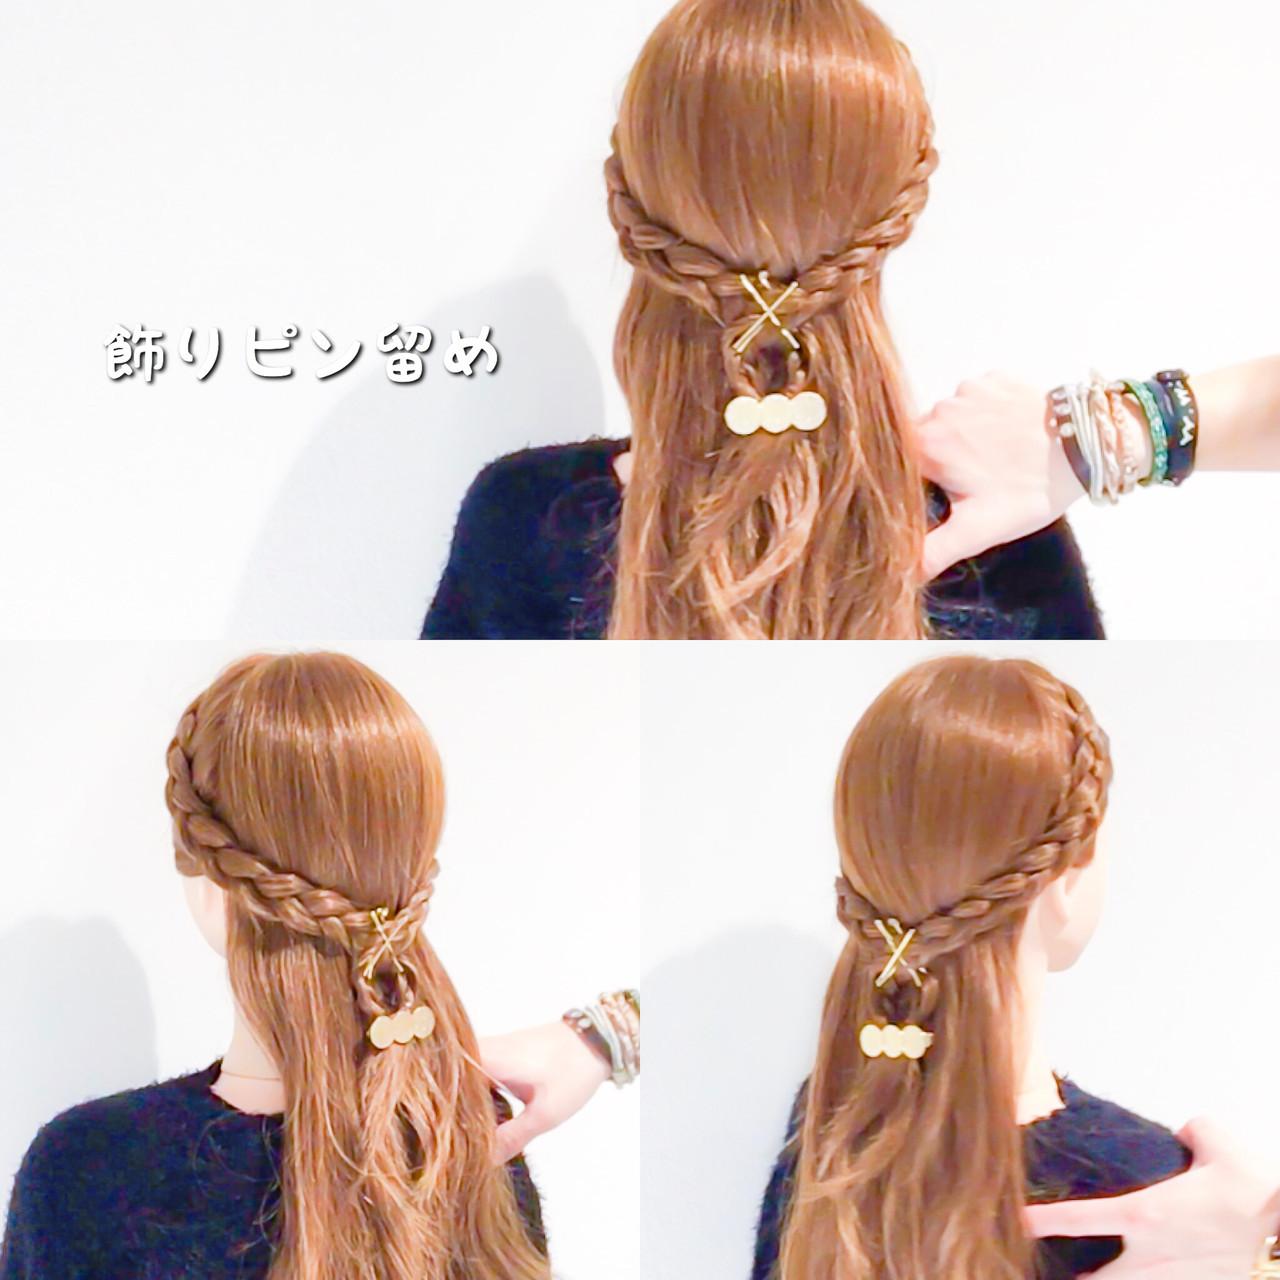 デートにぴったりフェミニンなロングの簡単アレンジ 美容師 HIRO  Amoute/アムティ